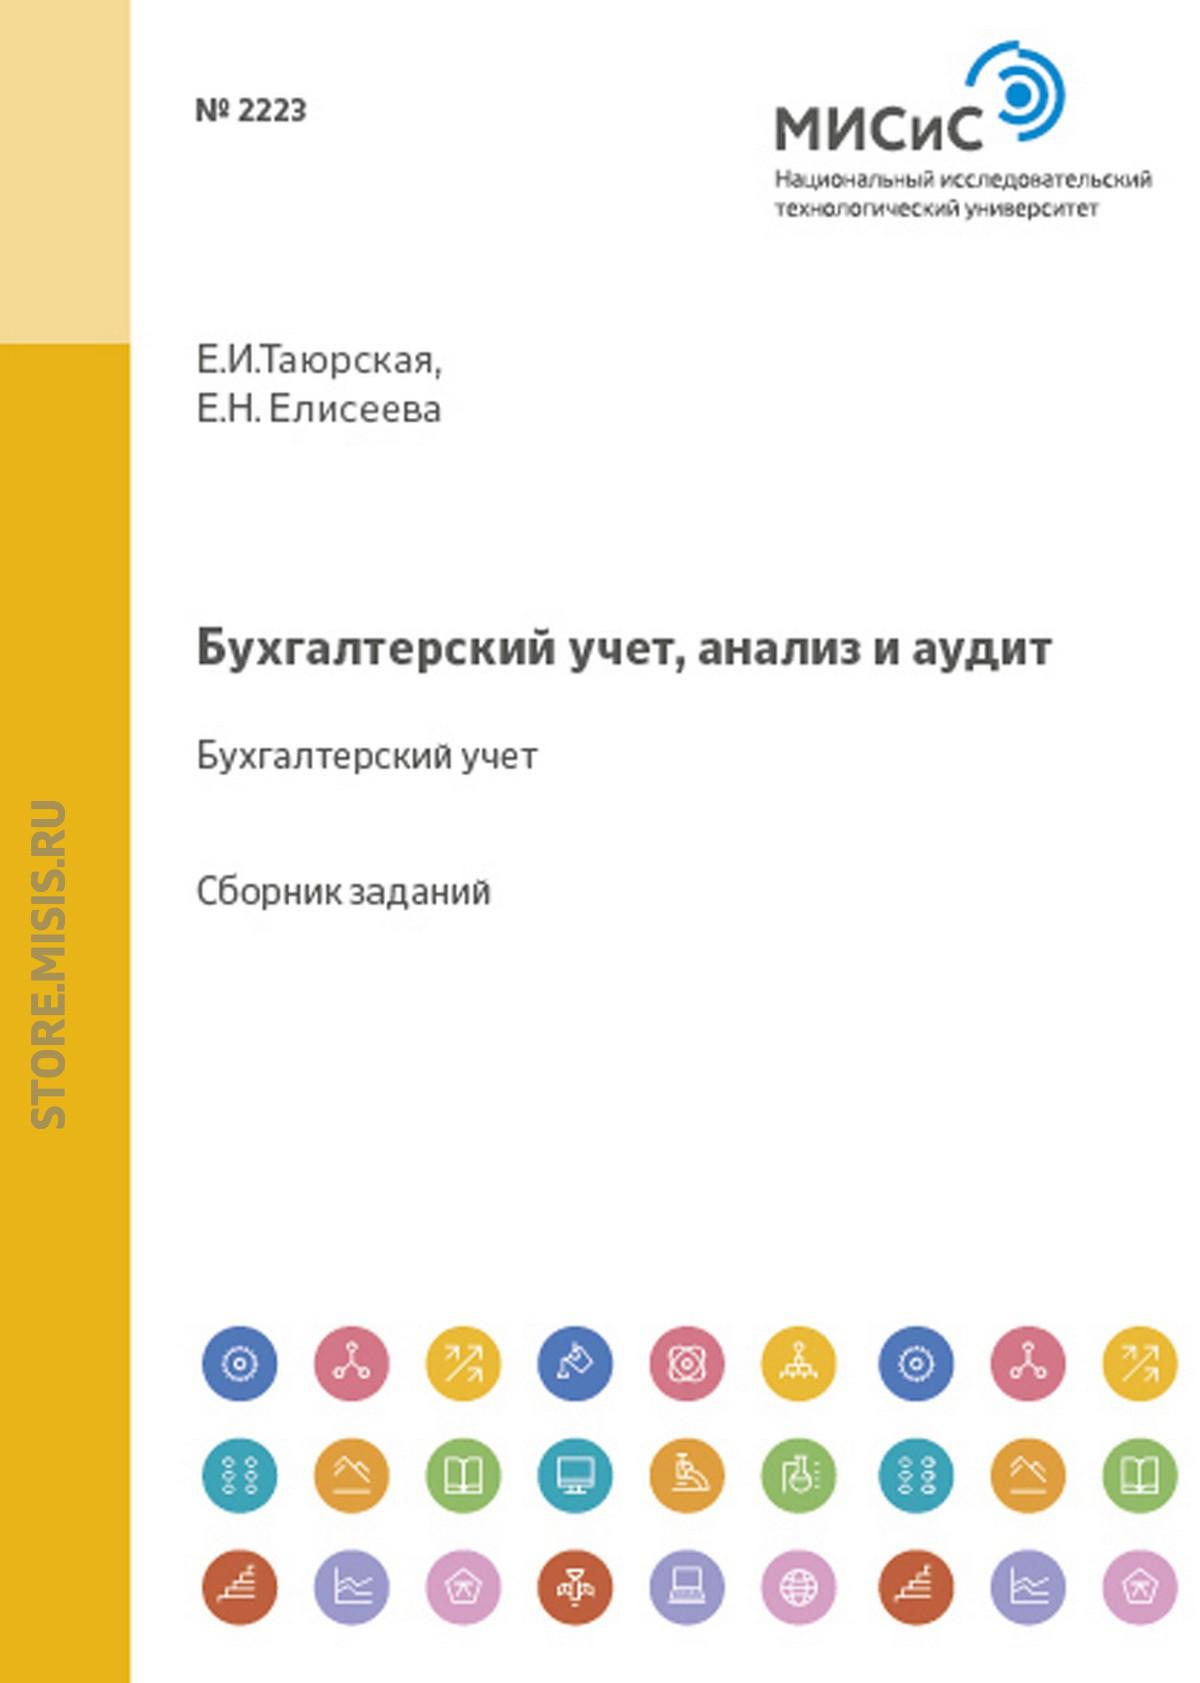 Евгения Елисеева Бухгалтерский учет, анализ и аудит. Бухгалтерский учет